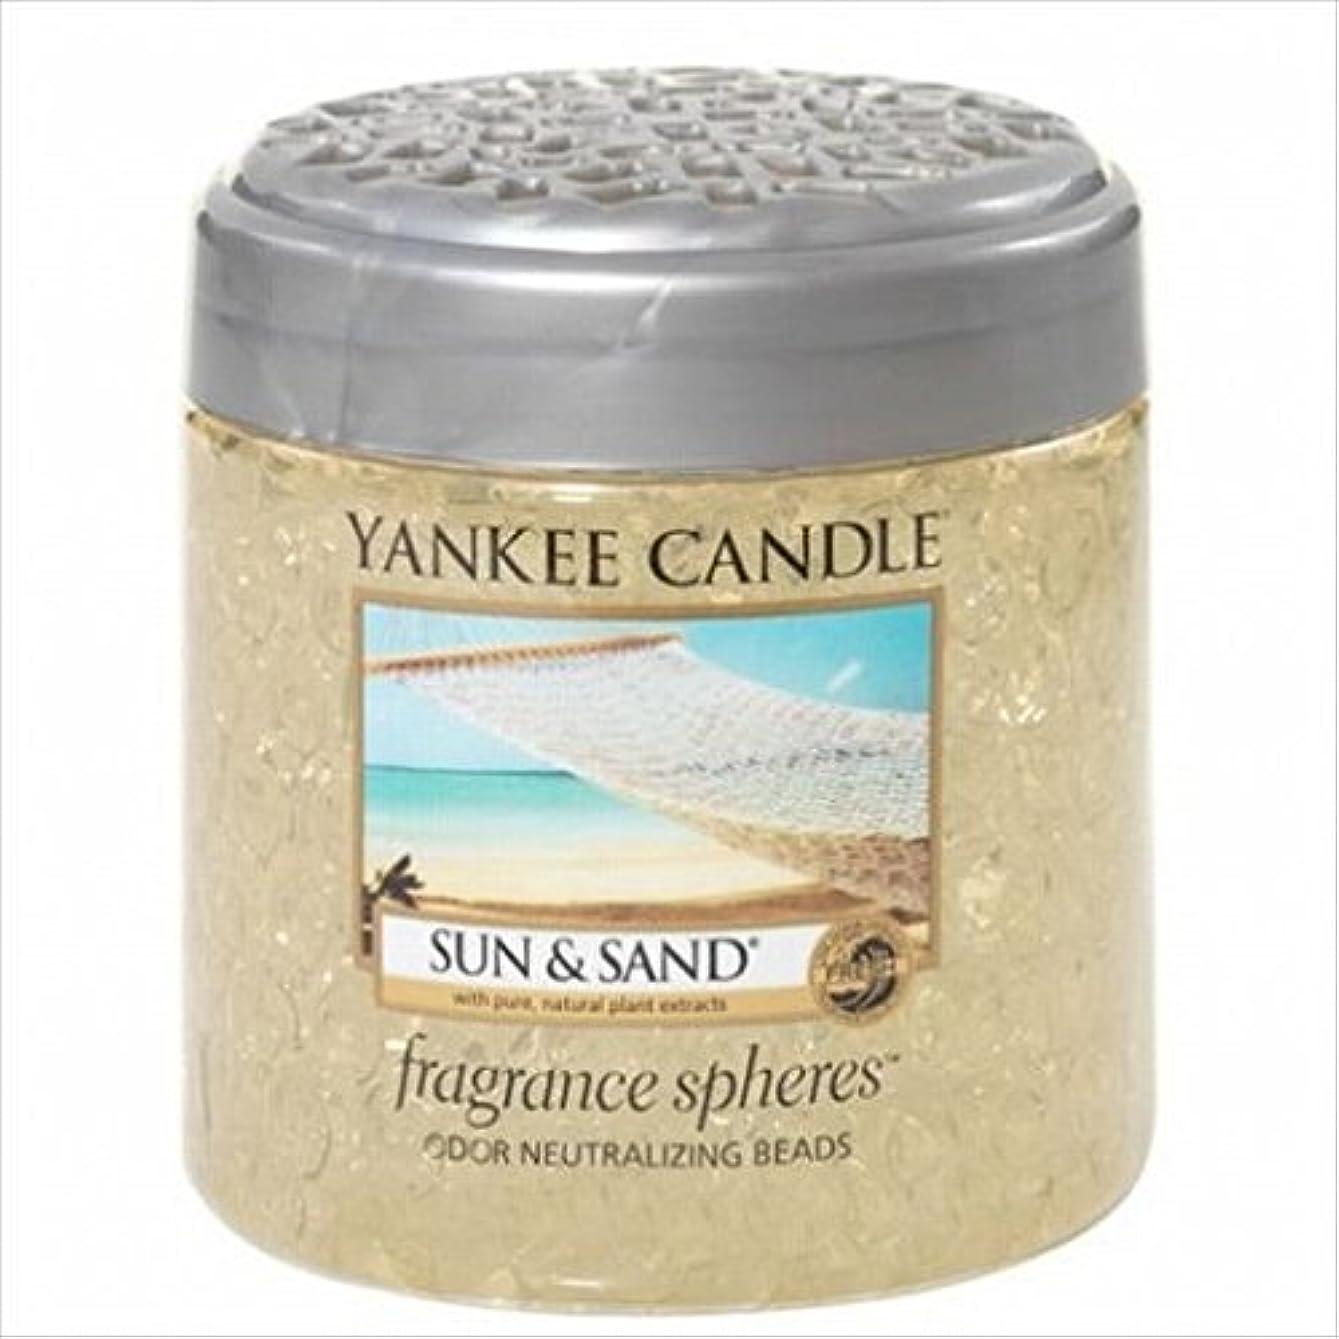 オセアニアミスペンドサイトラインYANKEE CANDLE(ヤンキーキャンドル) YANKEE CANDLE フレグランスビーズ 「 サン&サンド 」(K3300535)